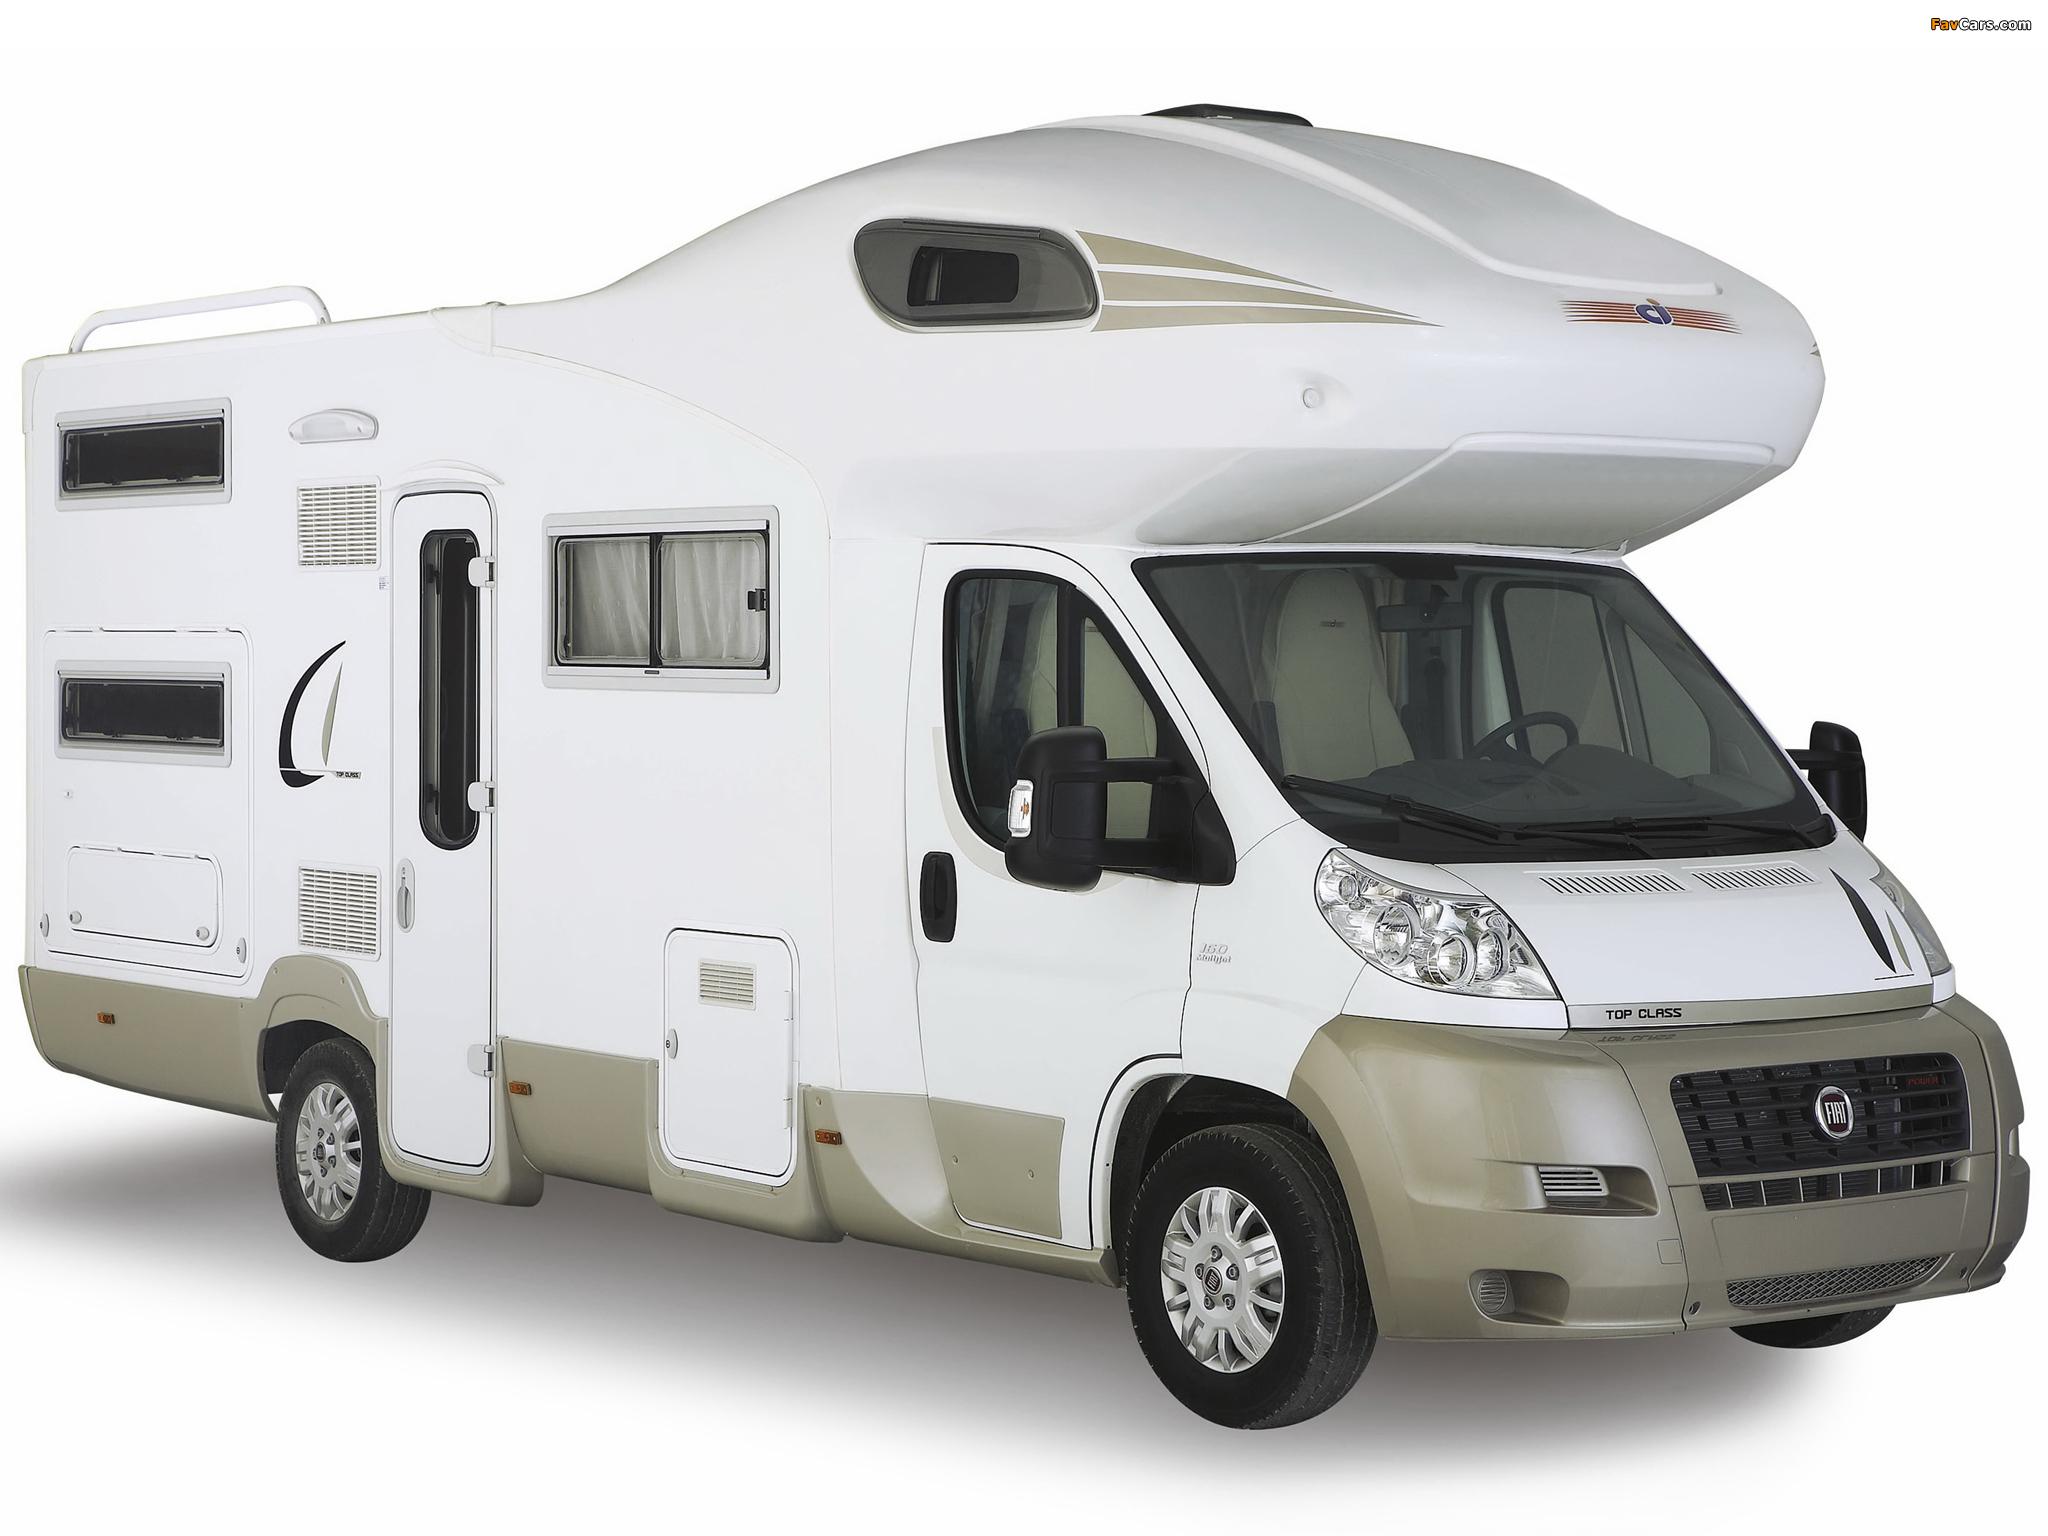 RVs - Campers - Caravans